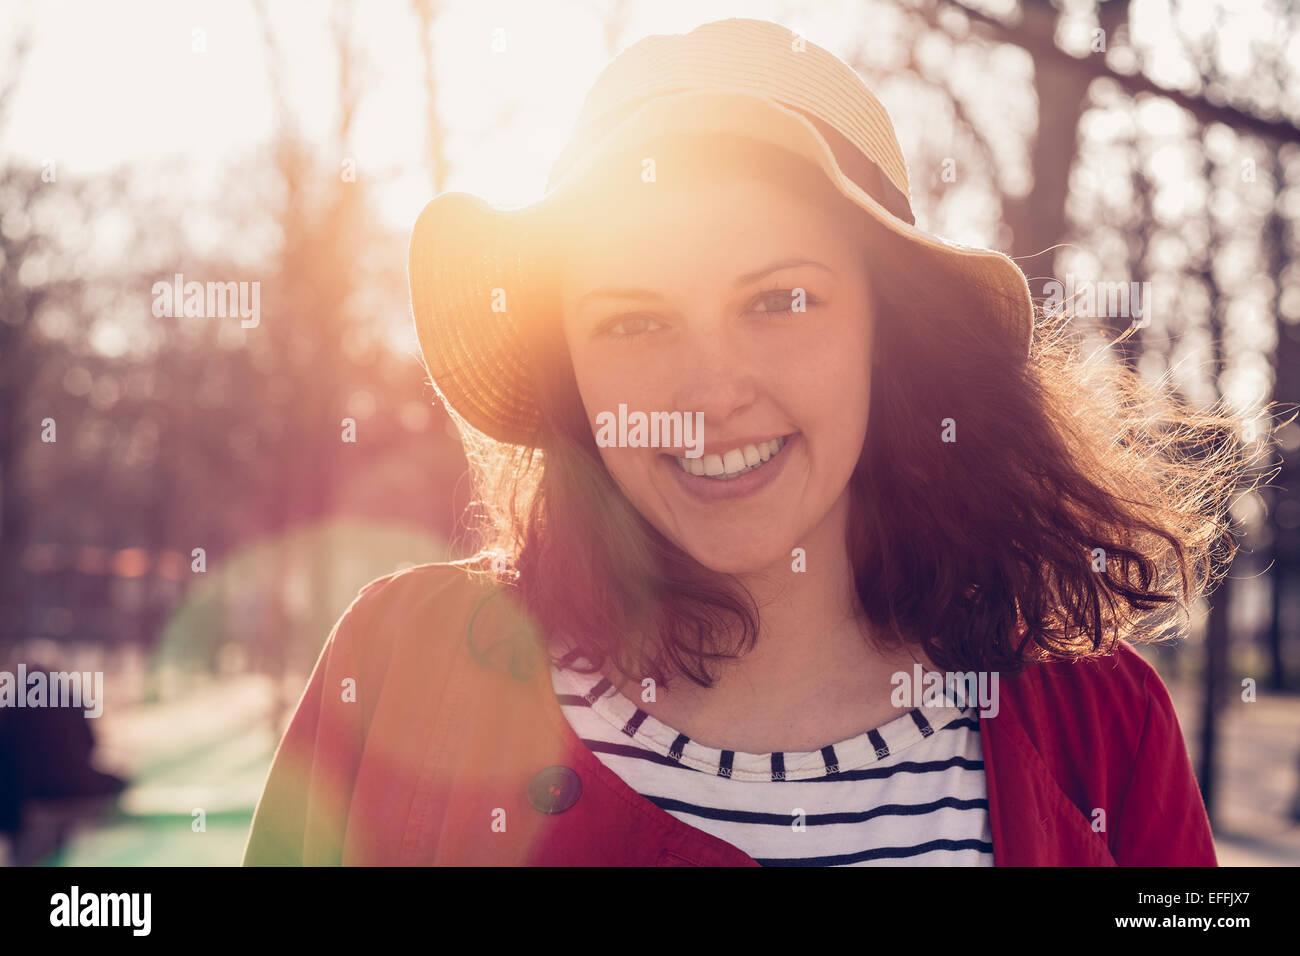 Porträt einer jungen Frau in Paris Stockbild